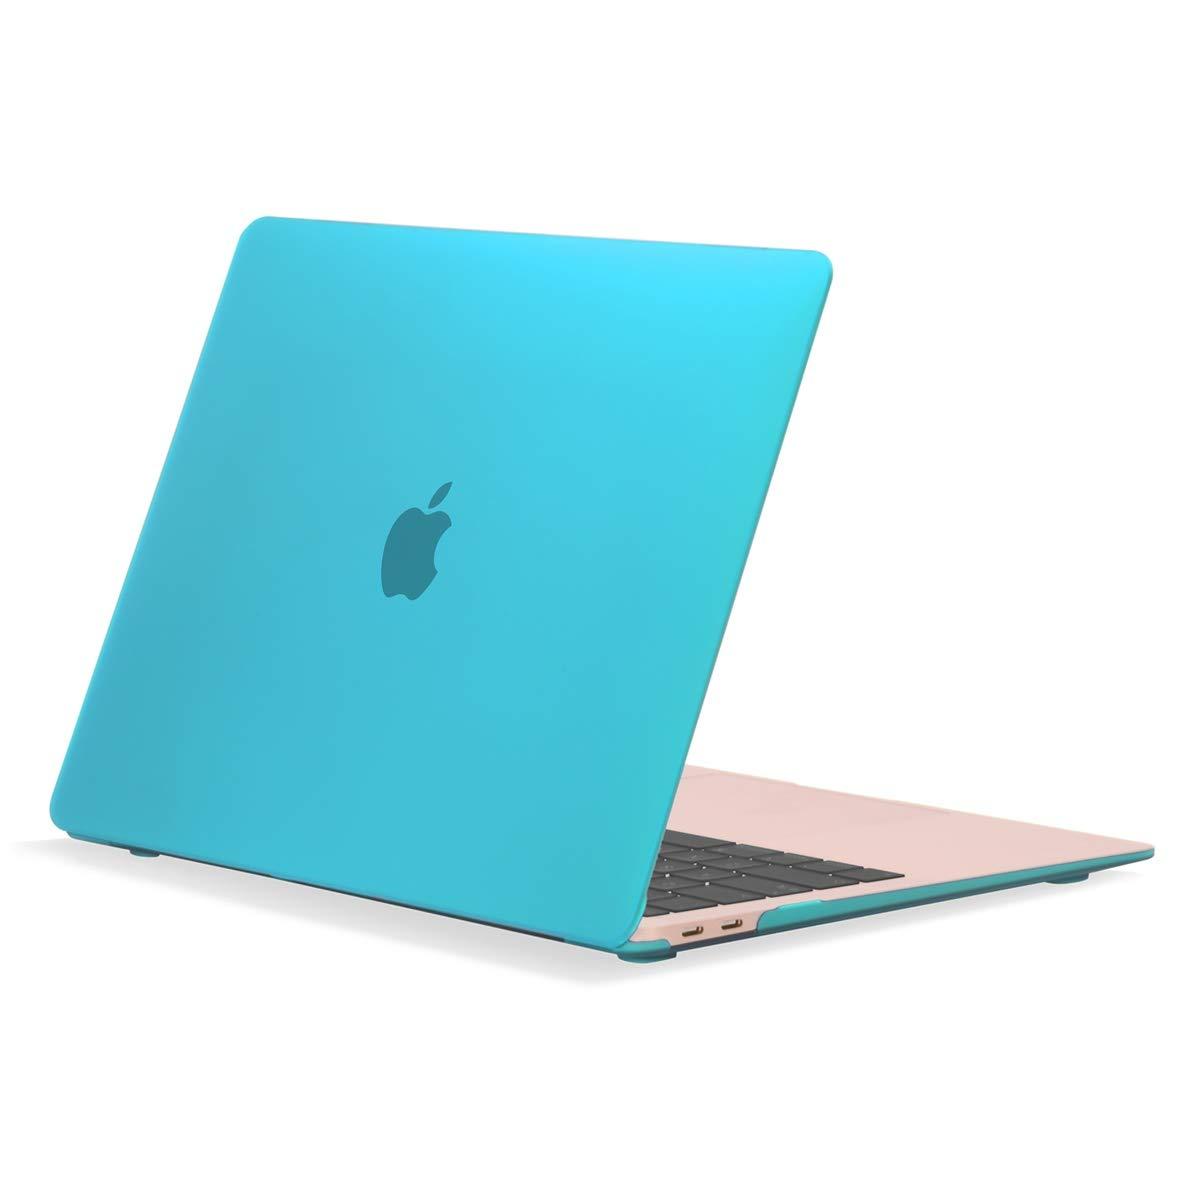 """TOP CASE MacBook Air 13 Inch Case 2019 2018 Release A1932 Retina Display, Classic Series Rubberized Hard Case Compatible MacBook Air 13"""" with Retina Display fits Touch ID Model: A1932 - Aqua Blue"""